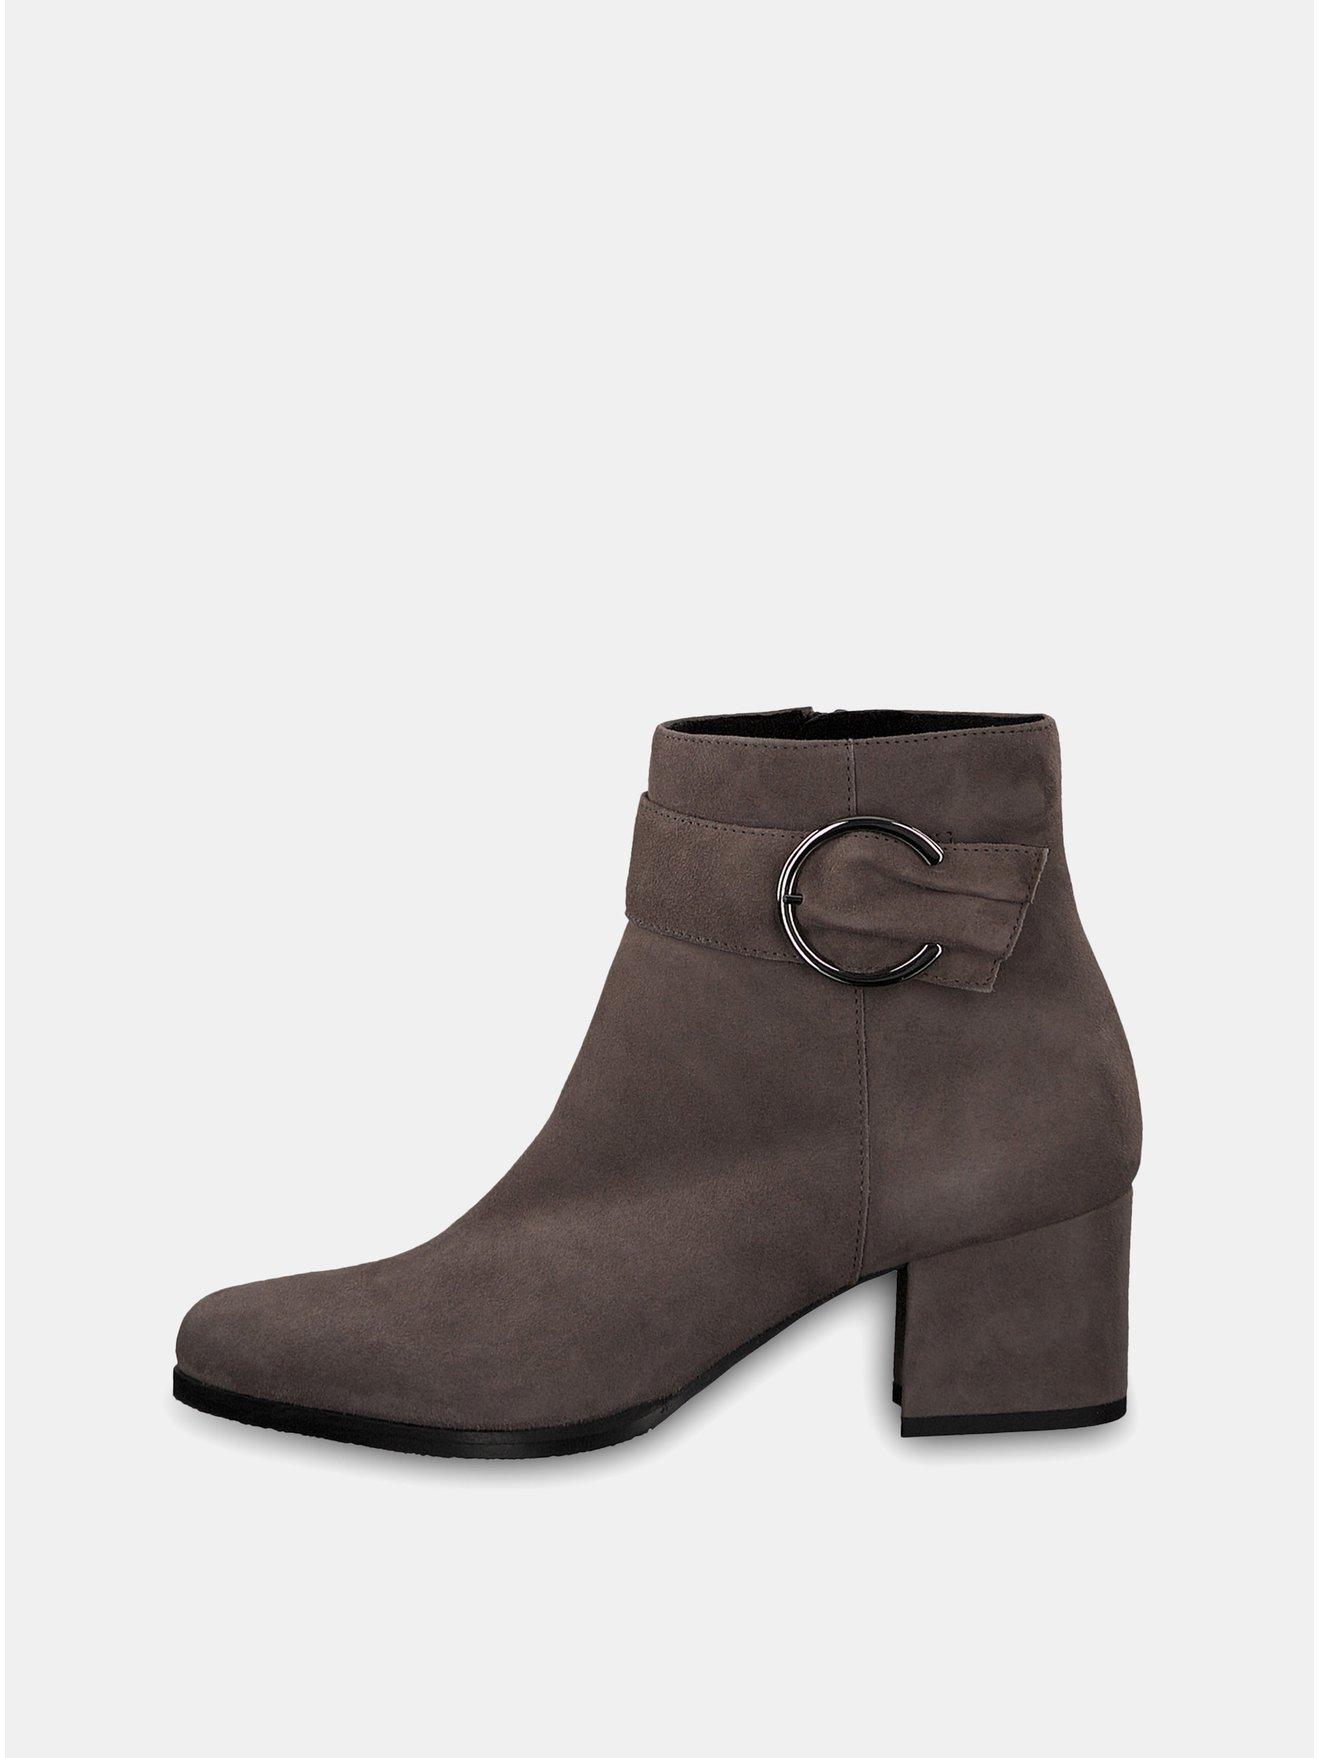 Šedé semišové kotníkové boty na podpatku s ozdobnou přezkou Tamaris